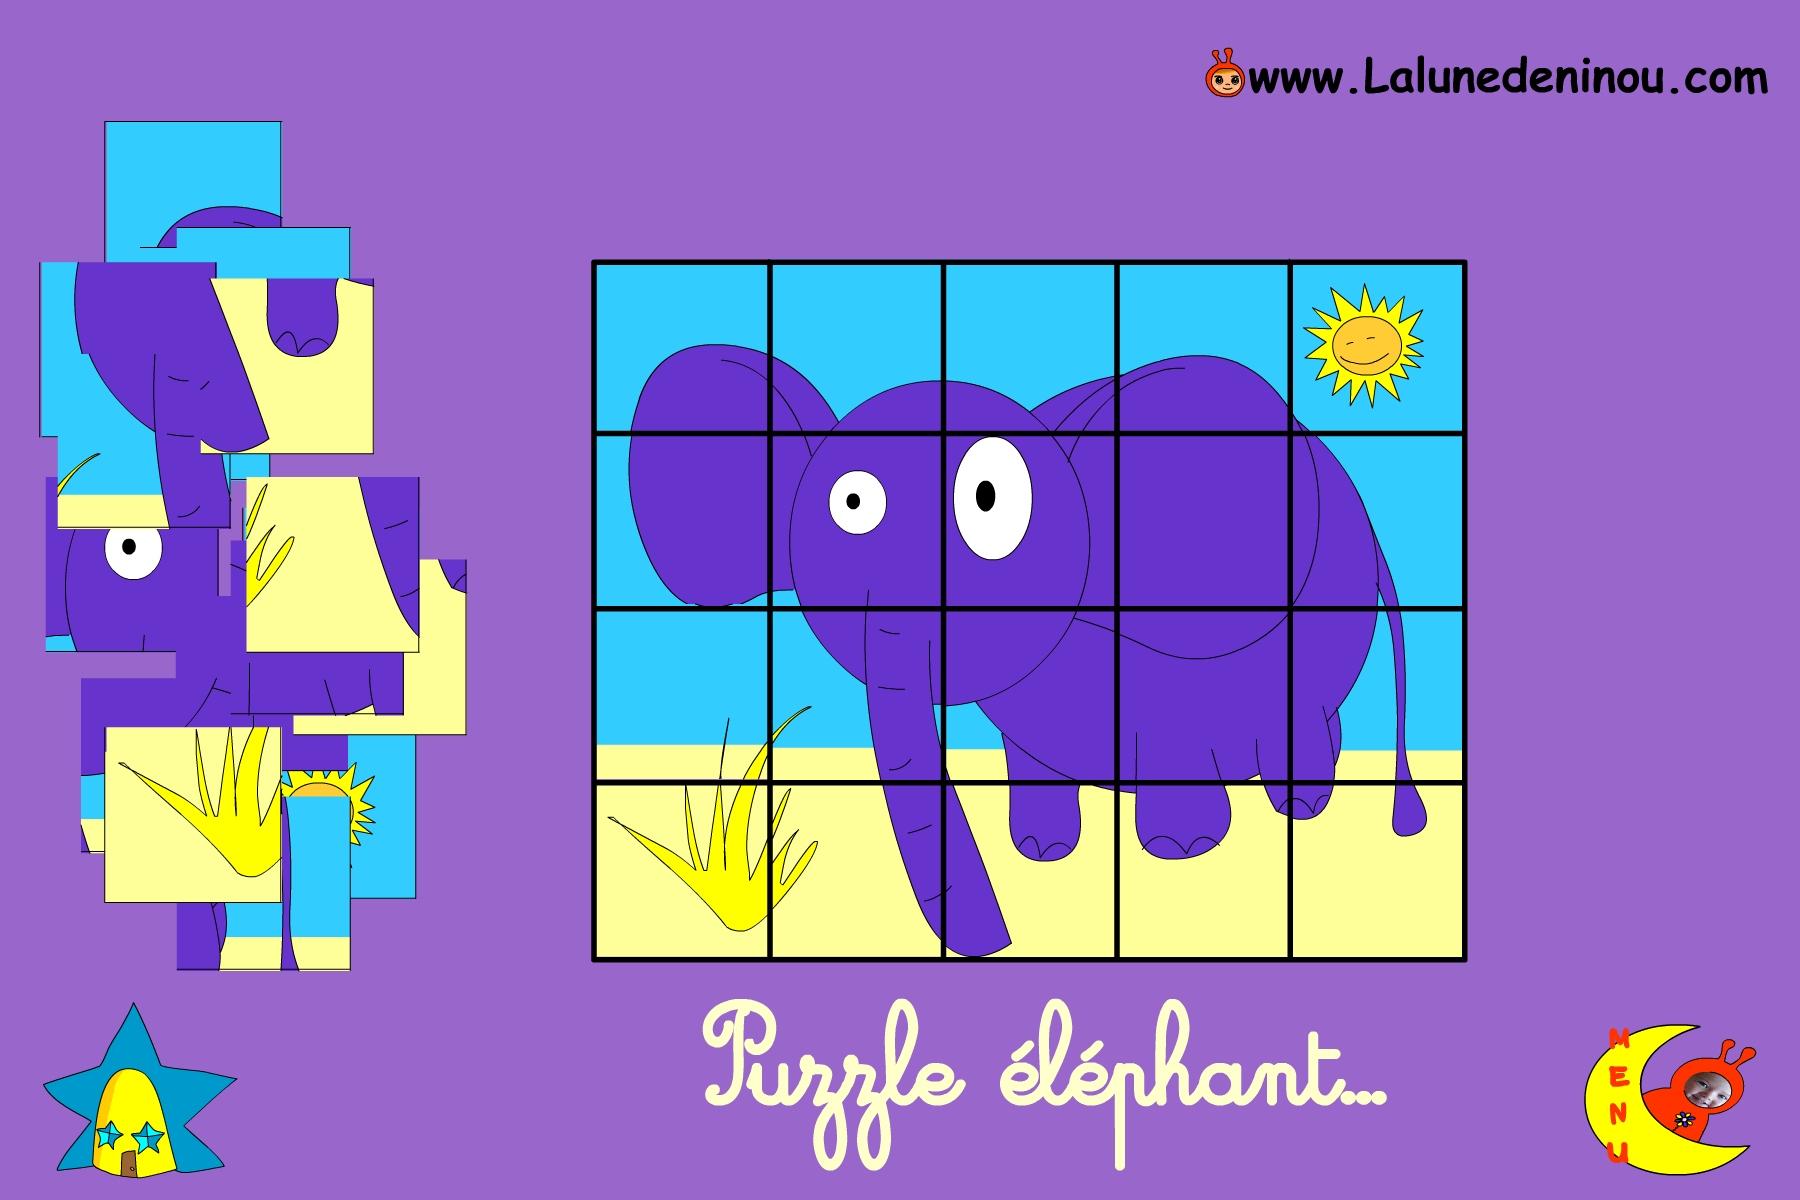 Puzzle En Ligne Pour Enfant De Maternelle - Lalunedeninou tout Puzzle Facile Gratuit